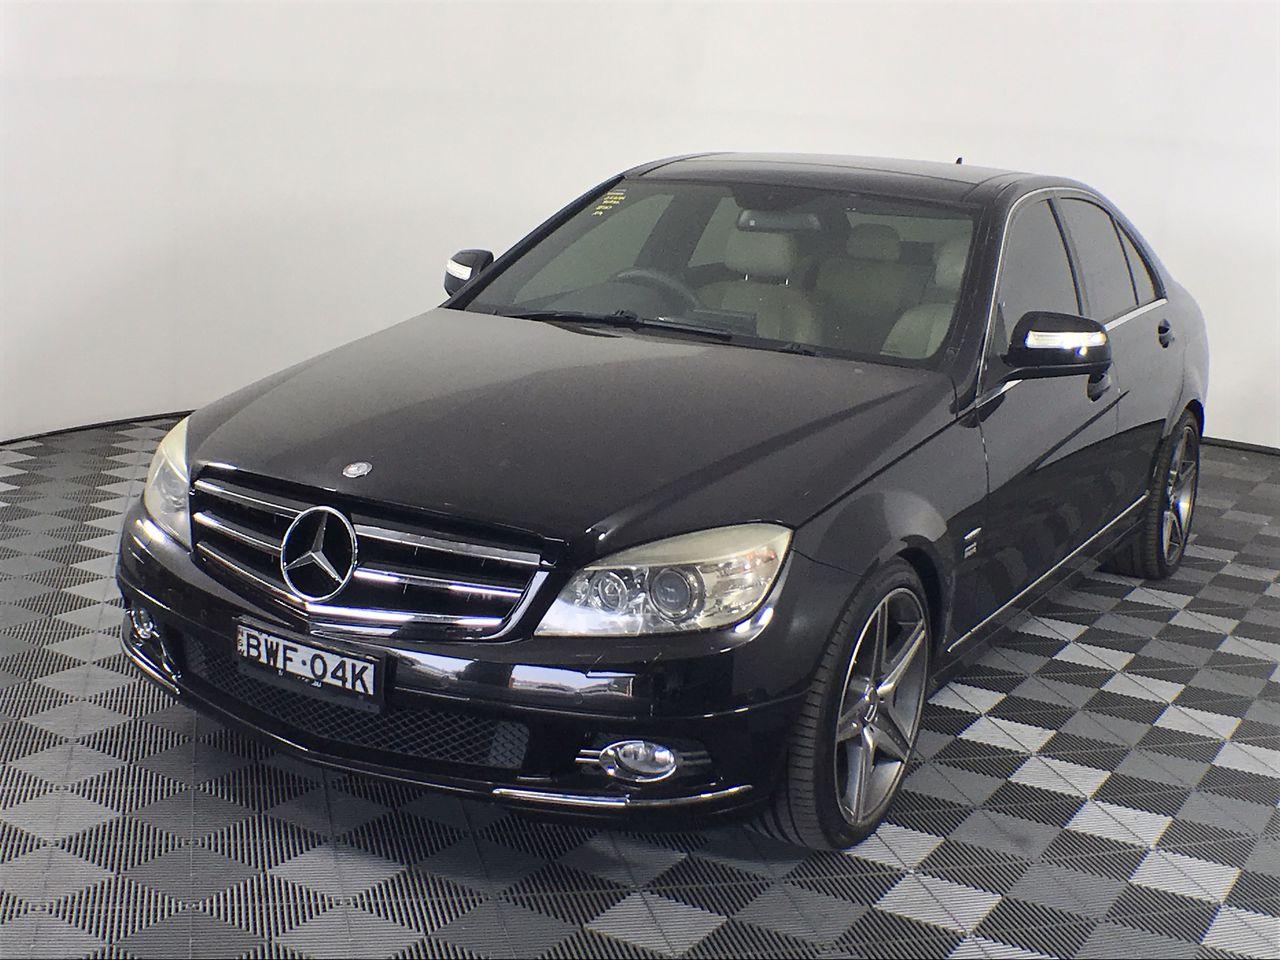 2007 Mercedes Benz C320 CDI Elegance W204 Turbo Diesel Automatic Sedan